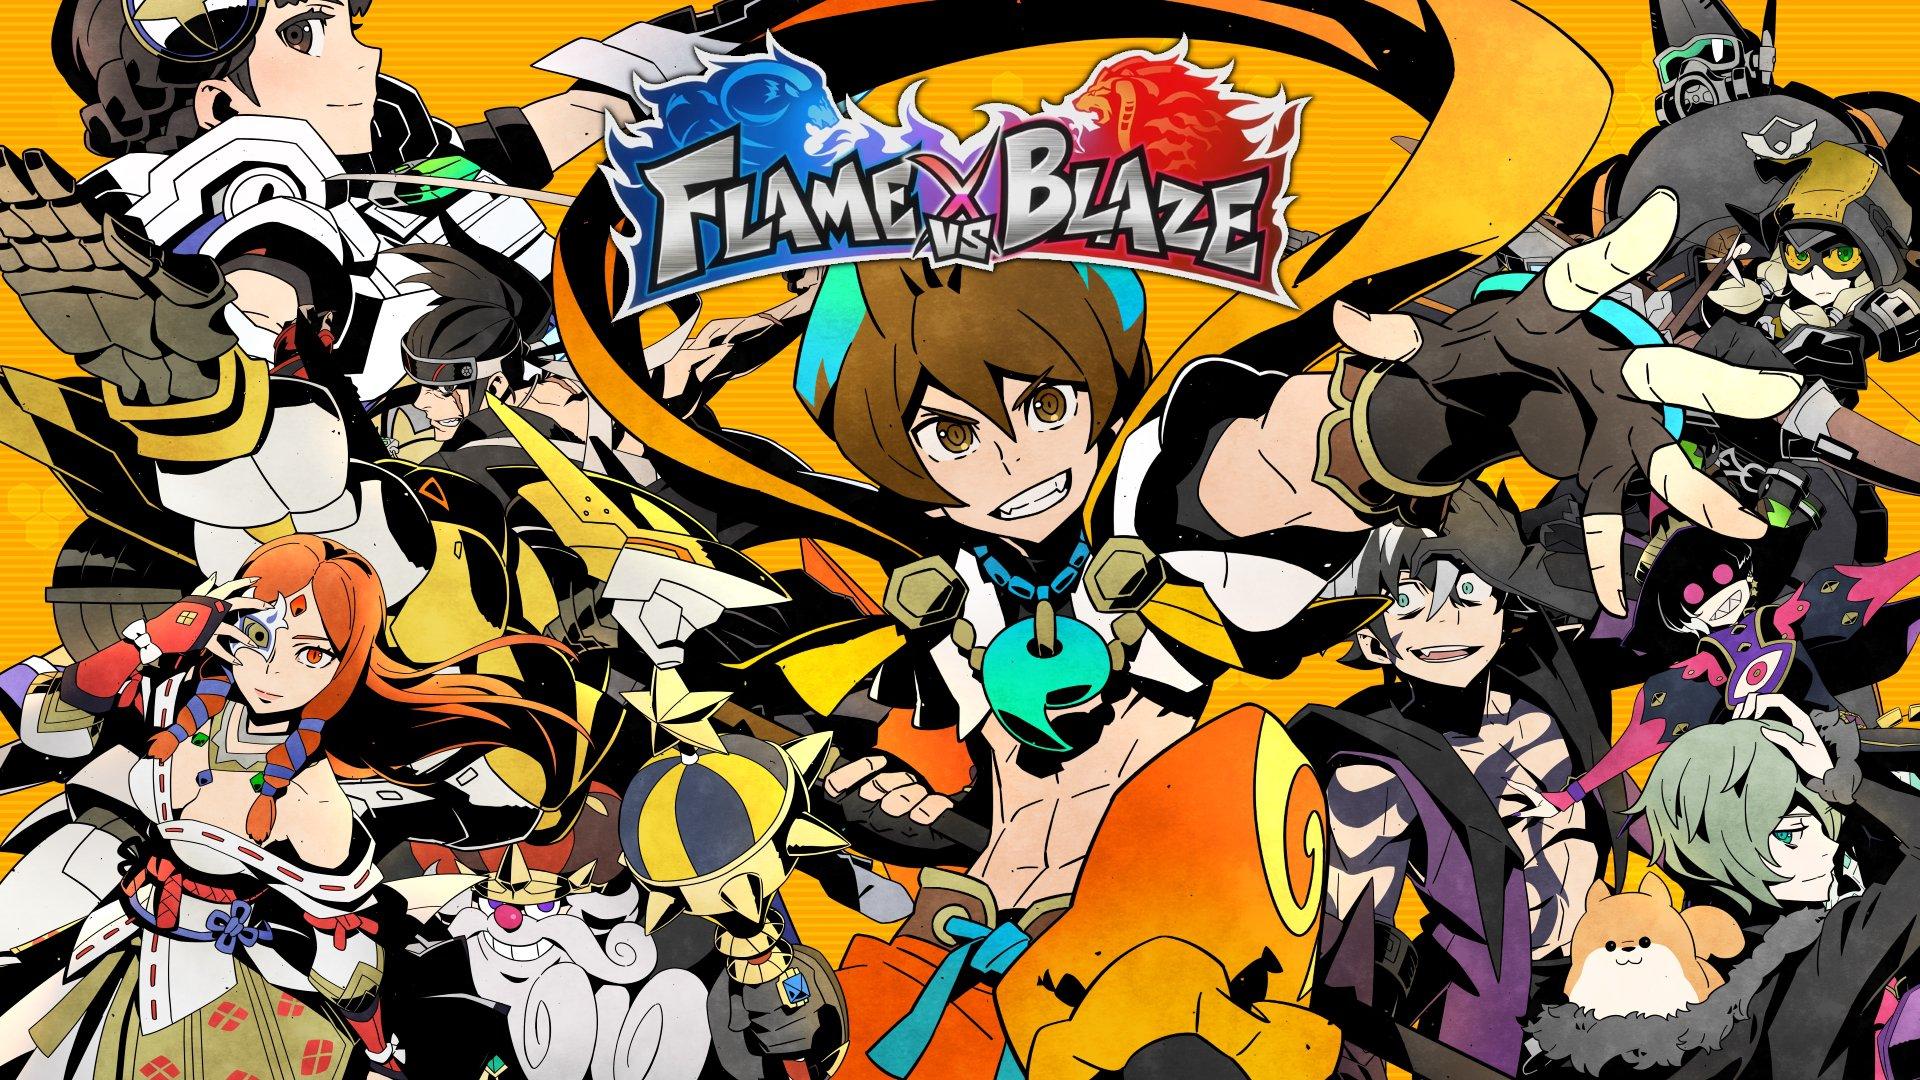 Flame-VS-Blaze